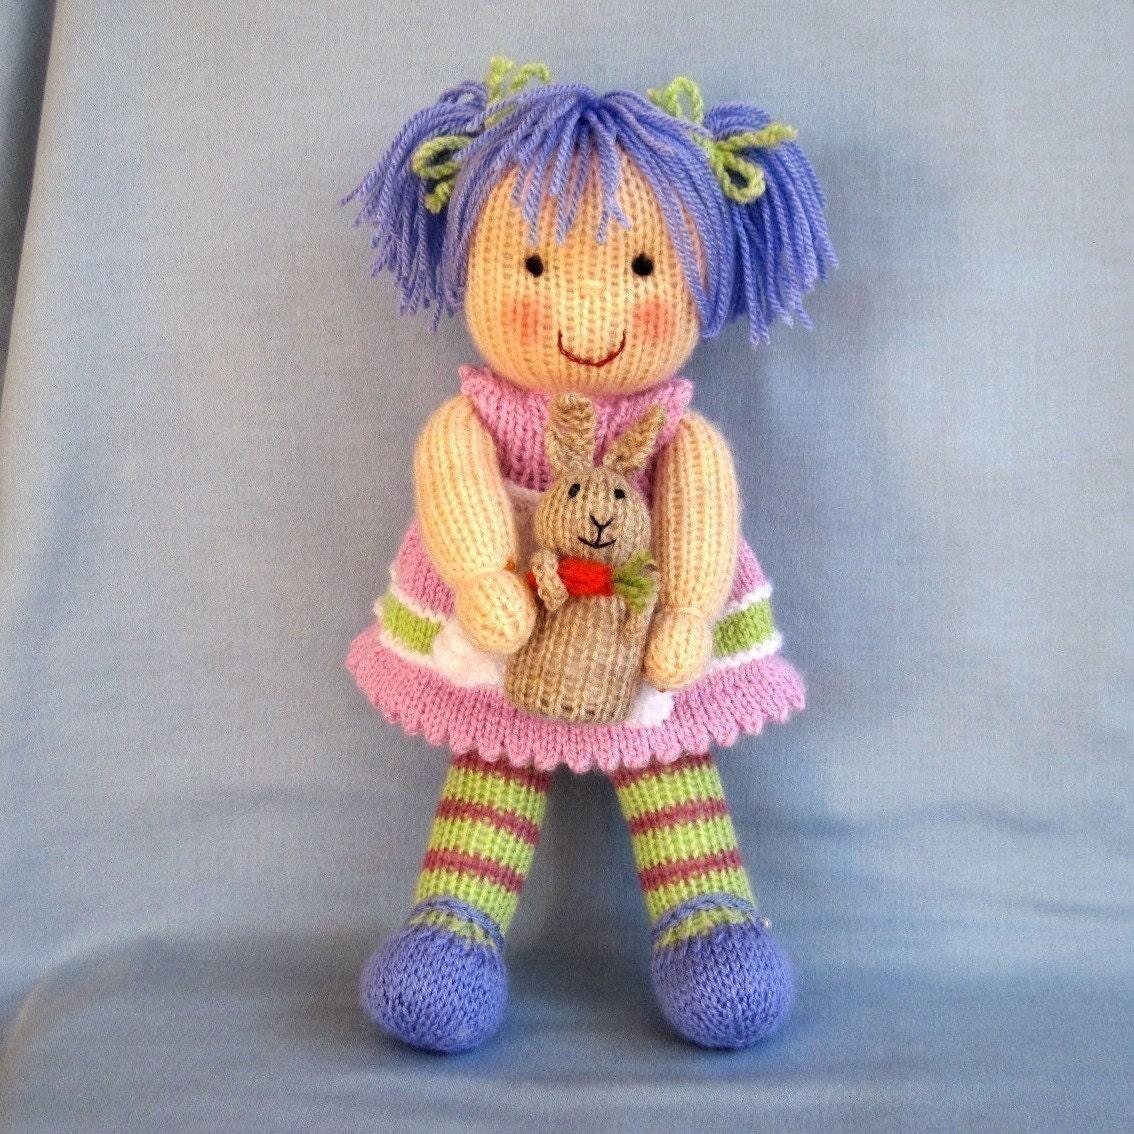 لاواند لوسی و خرگوش او -- بافتنی اسباب بازی عروسک -- PDF ایمیل بافندگی الگوی